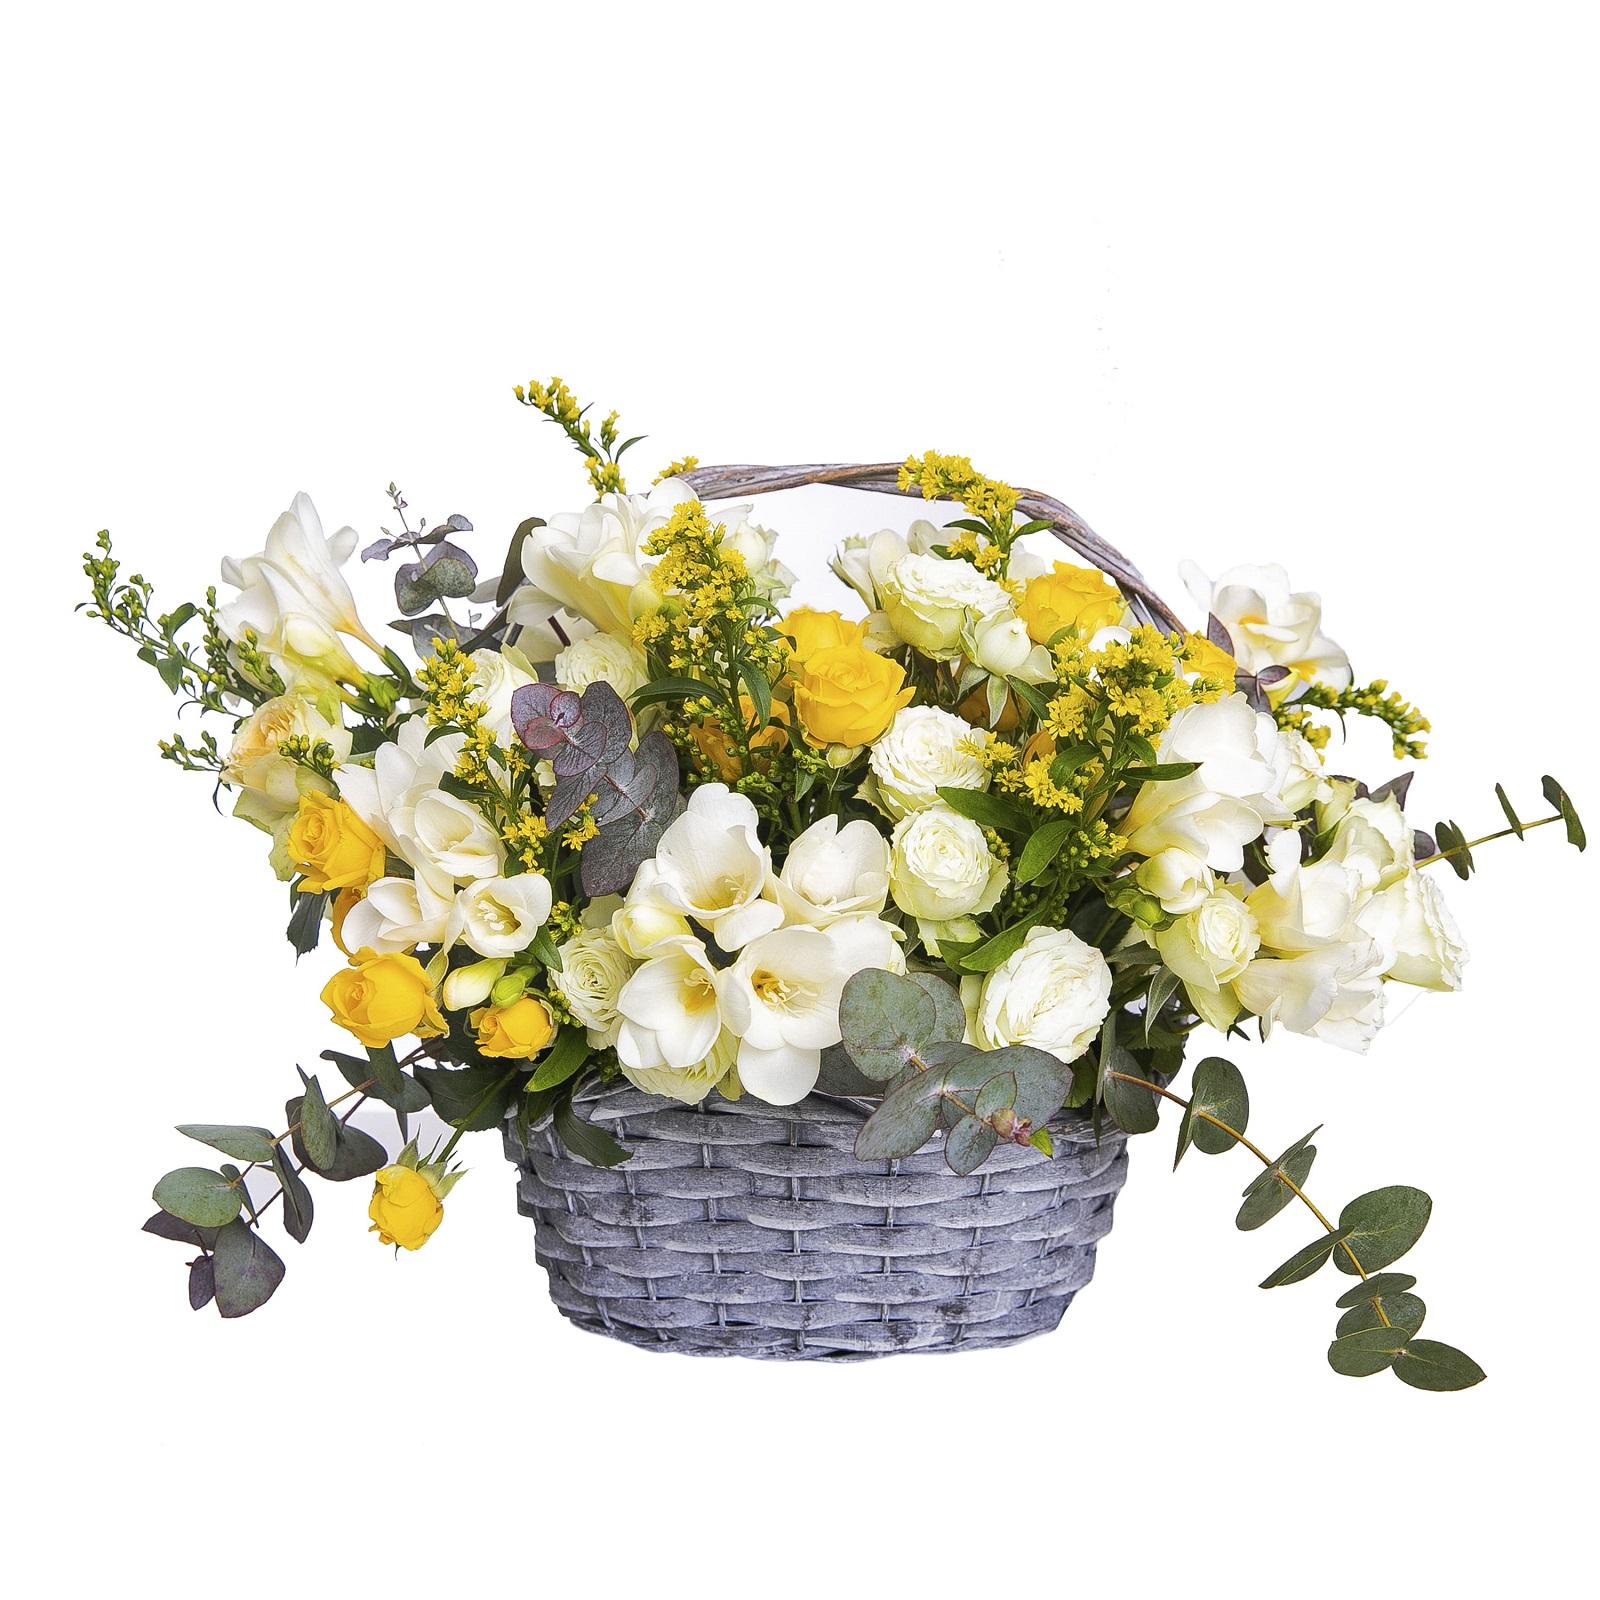 Ofera coșuri cu flori naturale